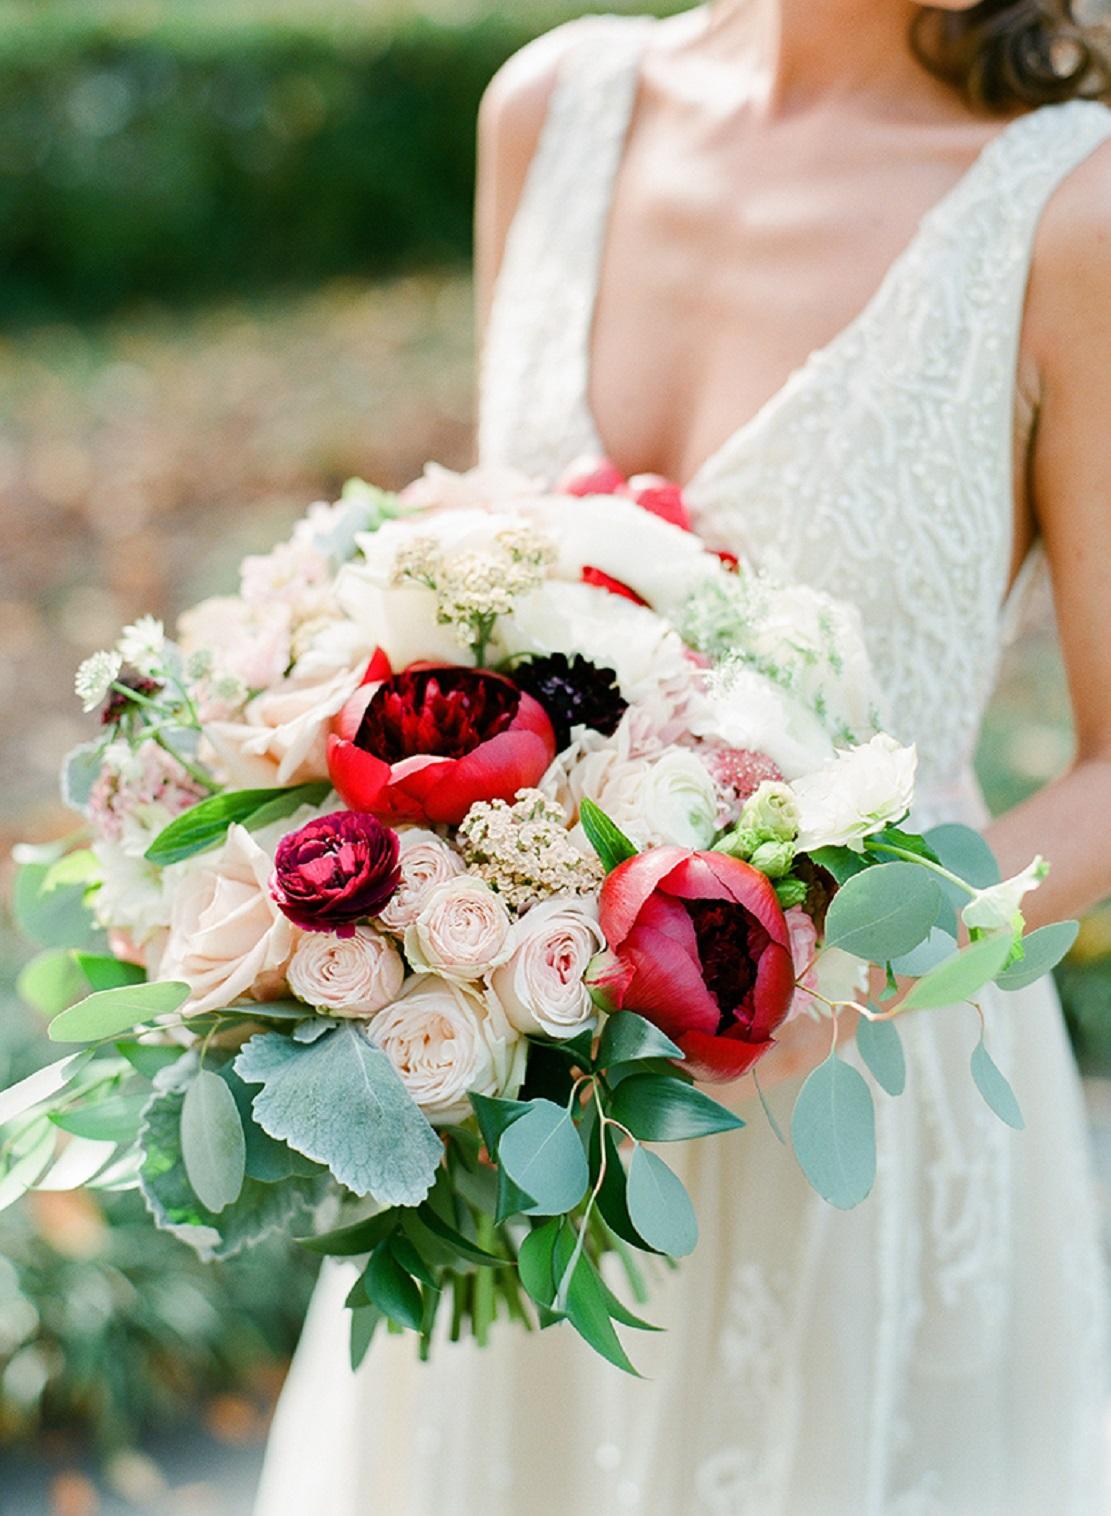 Image via  The Happy Bloom